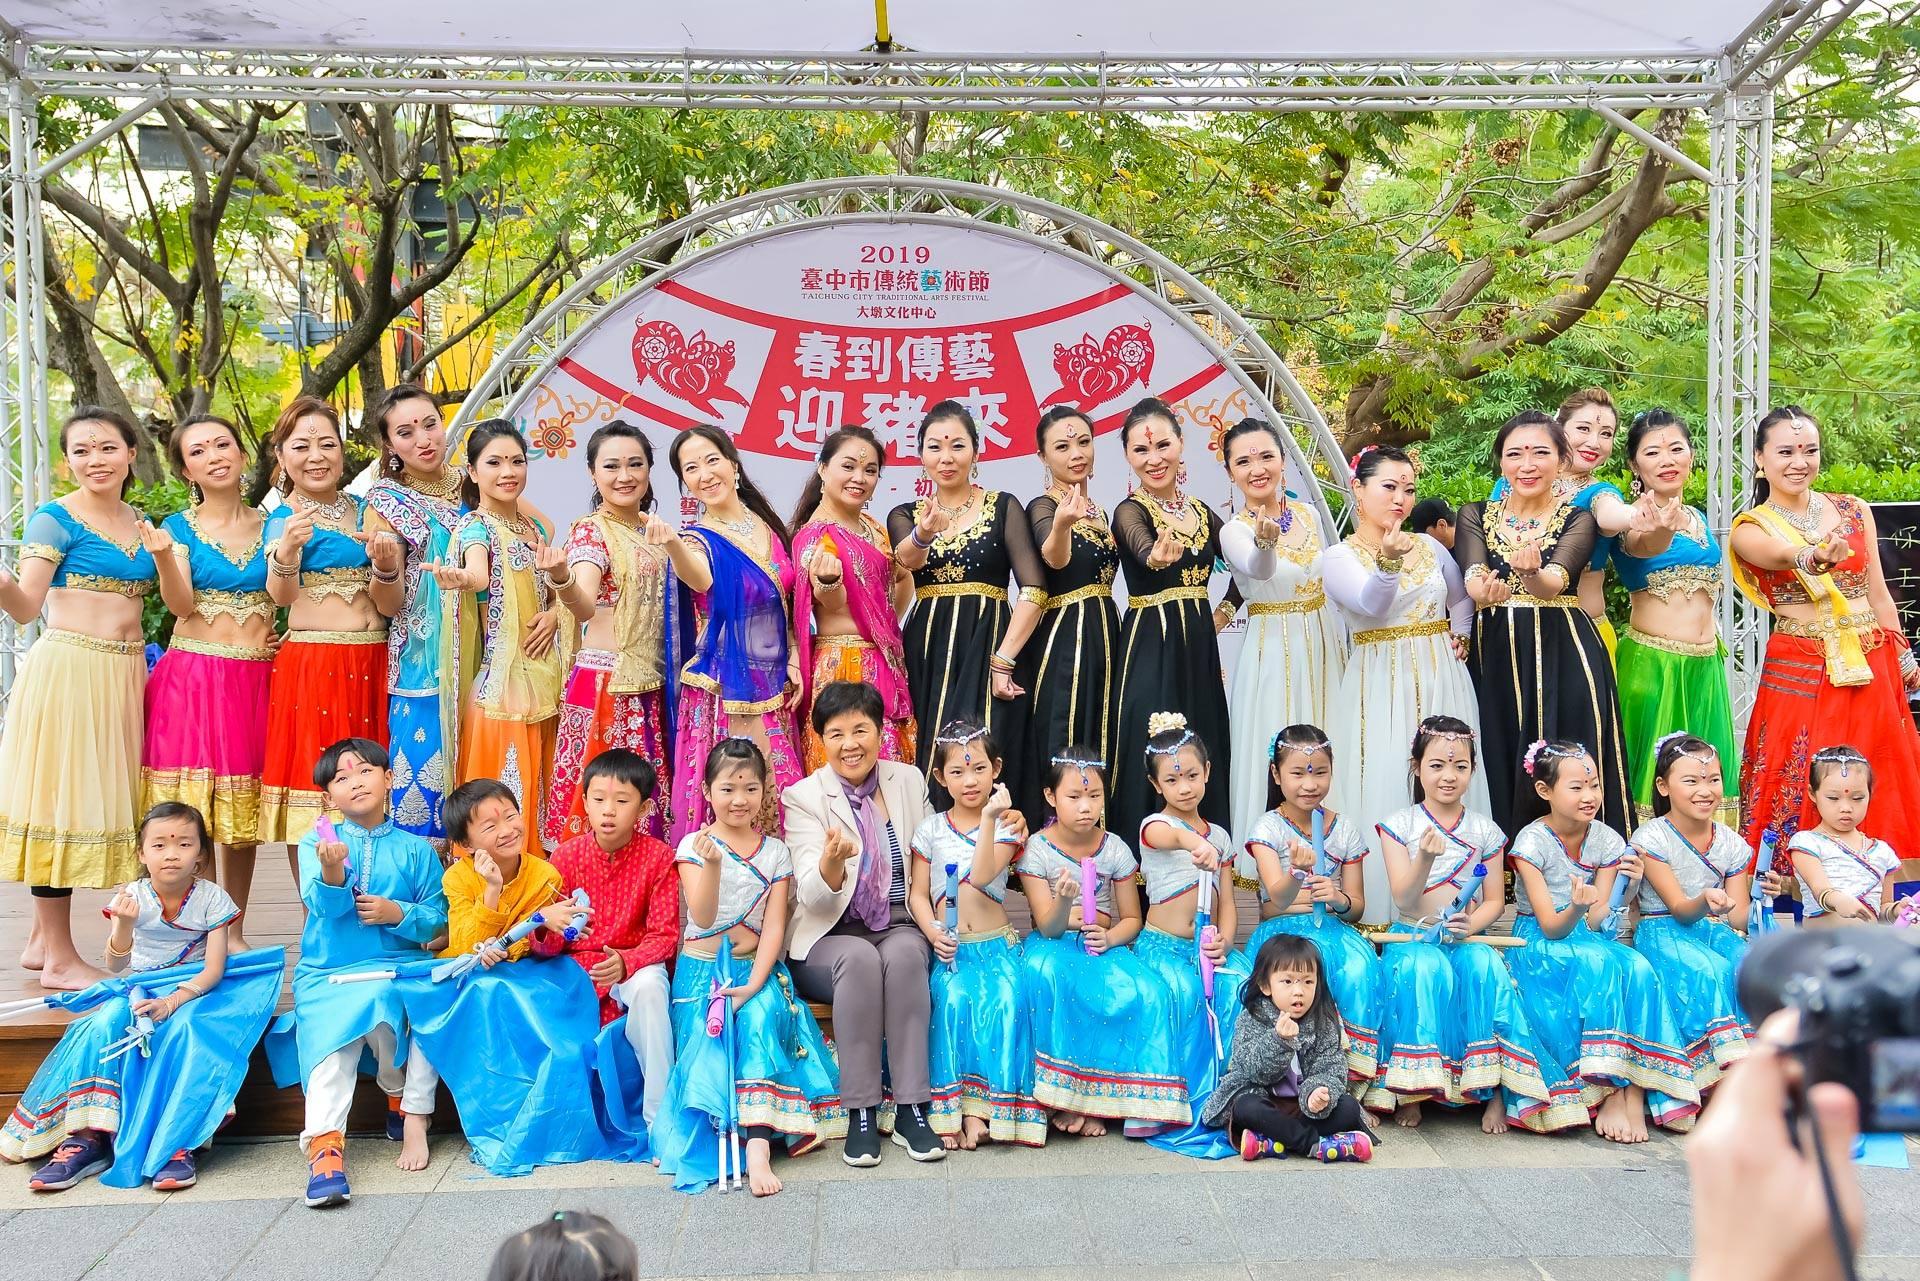 表演結束後,星月寶萊舞團團員與大墩文化中心陳秘書富滿一同合影留念。